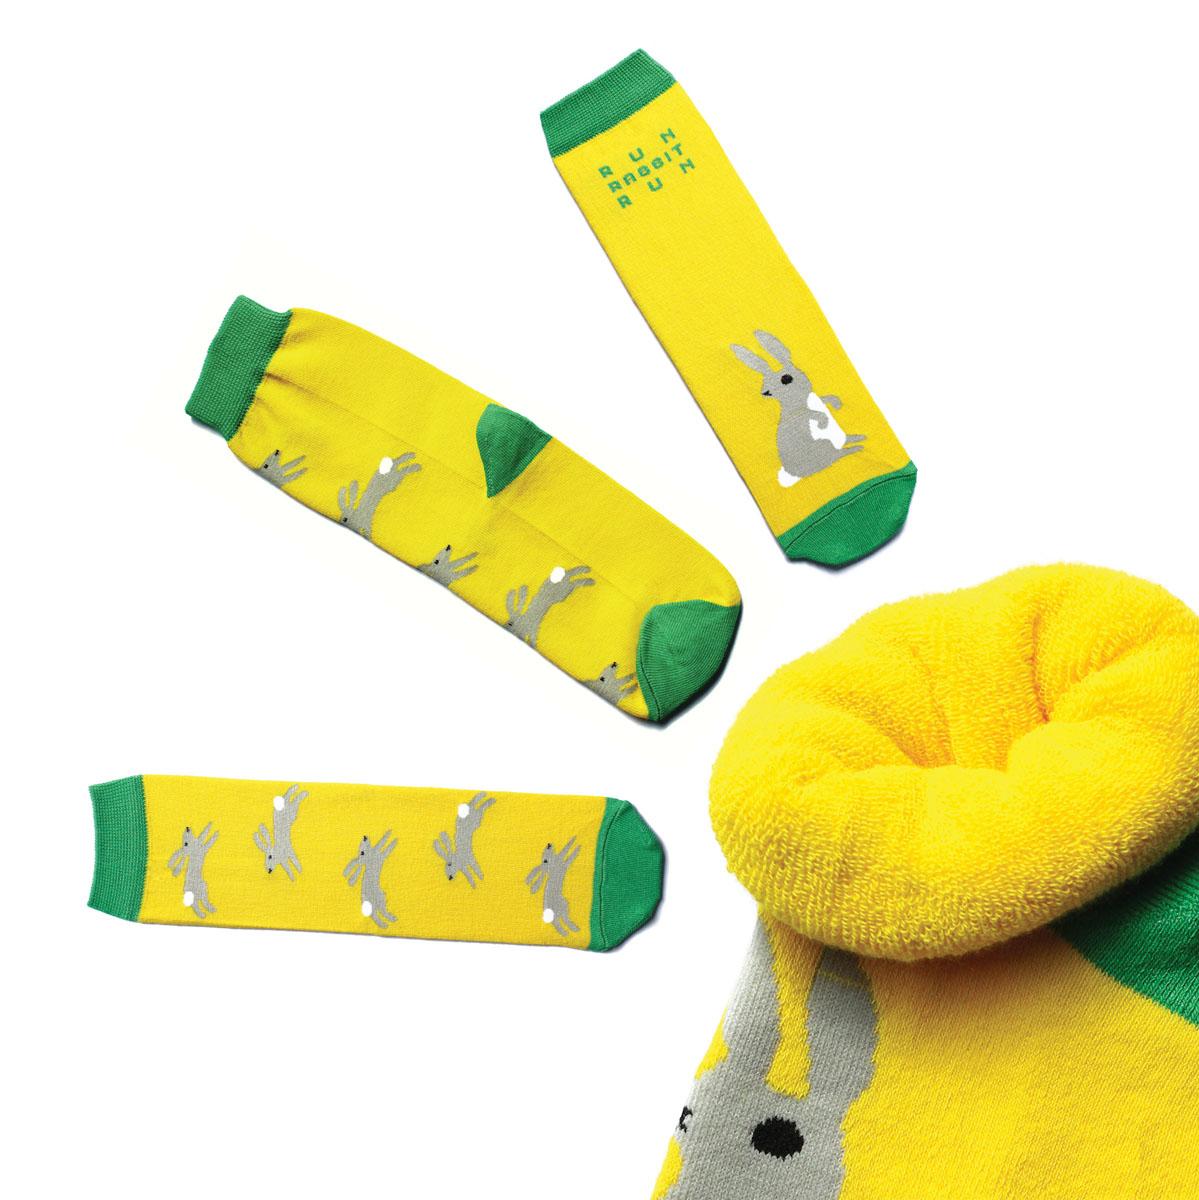 n233Яркие носки Big Bang Socks изготовлены из высококачественного хлопка с добавлением полиамида и эластана, которые обеспечивают отличную посадку. Модель с удлиненным паголенком оформлена оригинальным принтом с изображением зайцев. Широкая резинка плотно облегает ногу и обеспечивает комфорт, не сдавливая ее. Внутренняя ворсистая поверхность обеспечит комфорт и тепло.